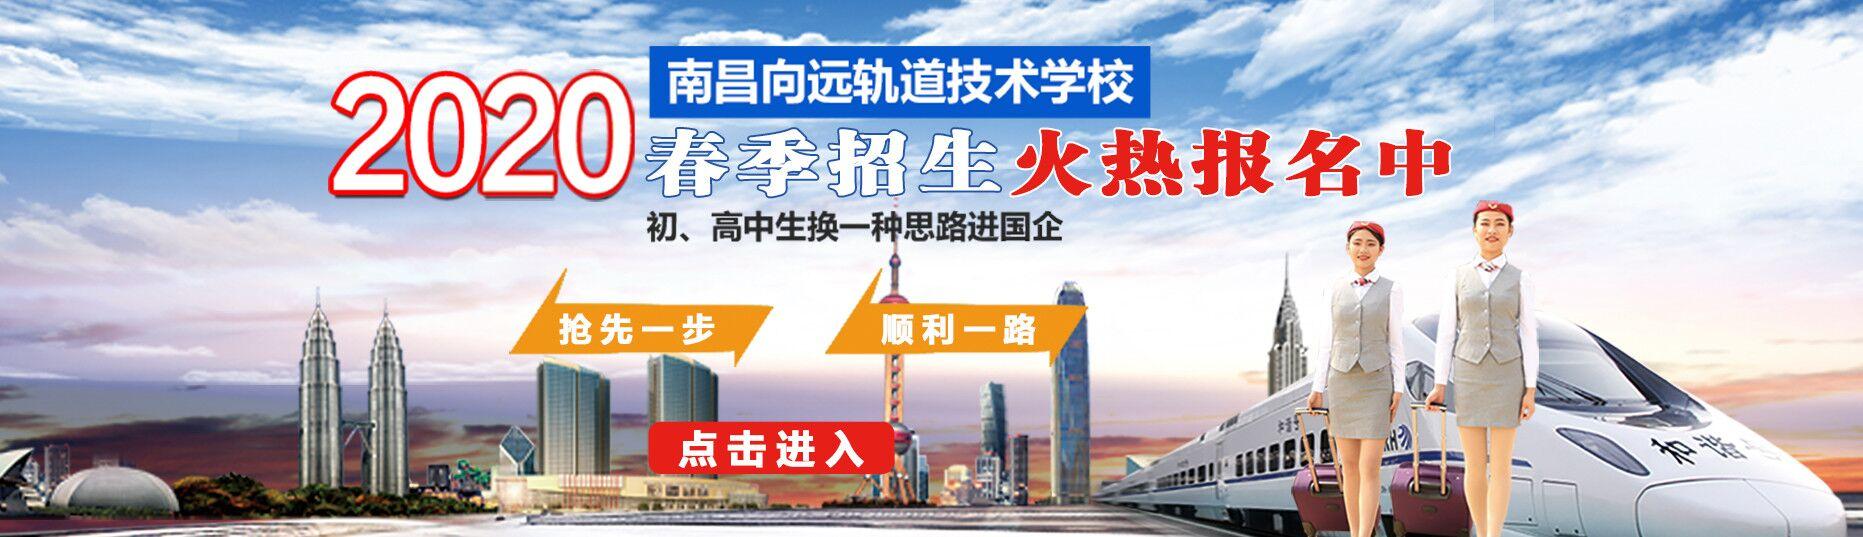 南昌向远轨道技术学校2020春季招生简章